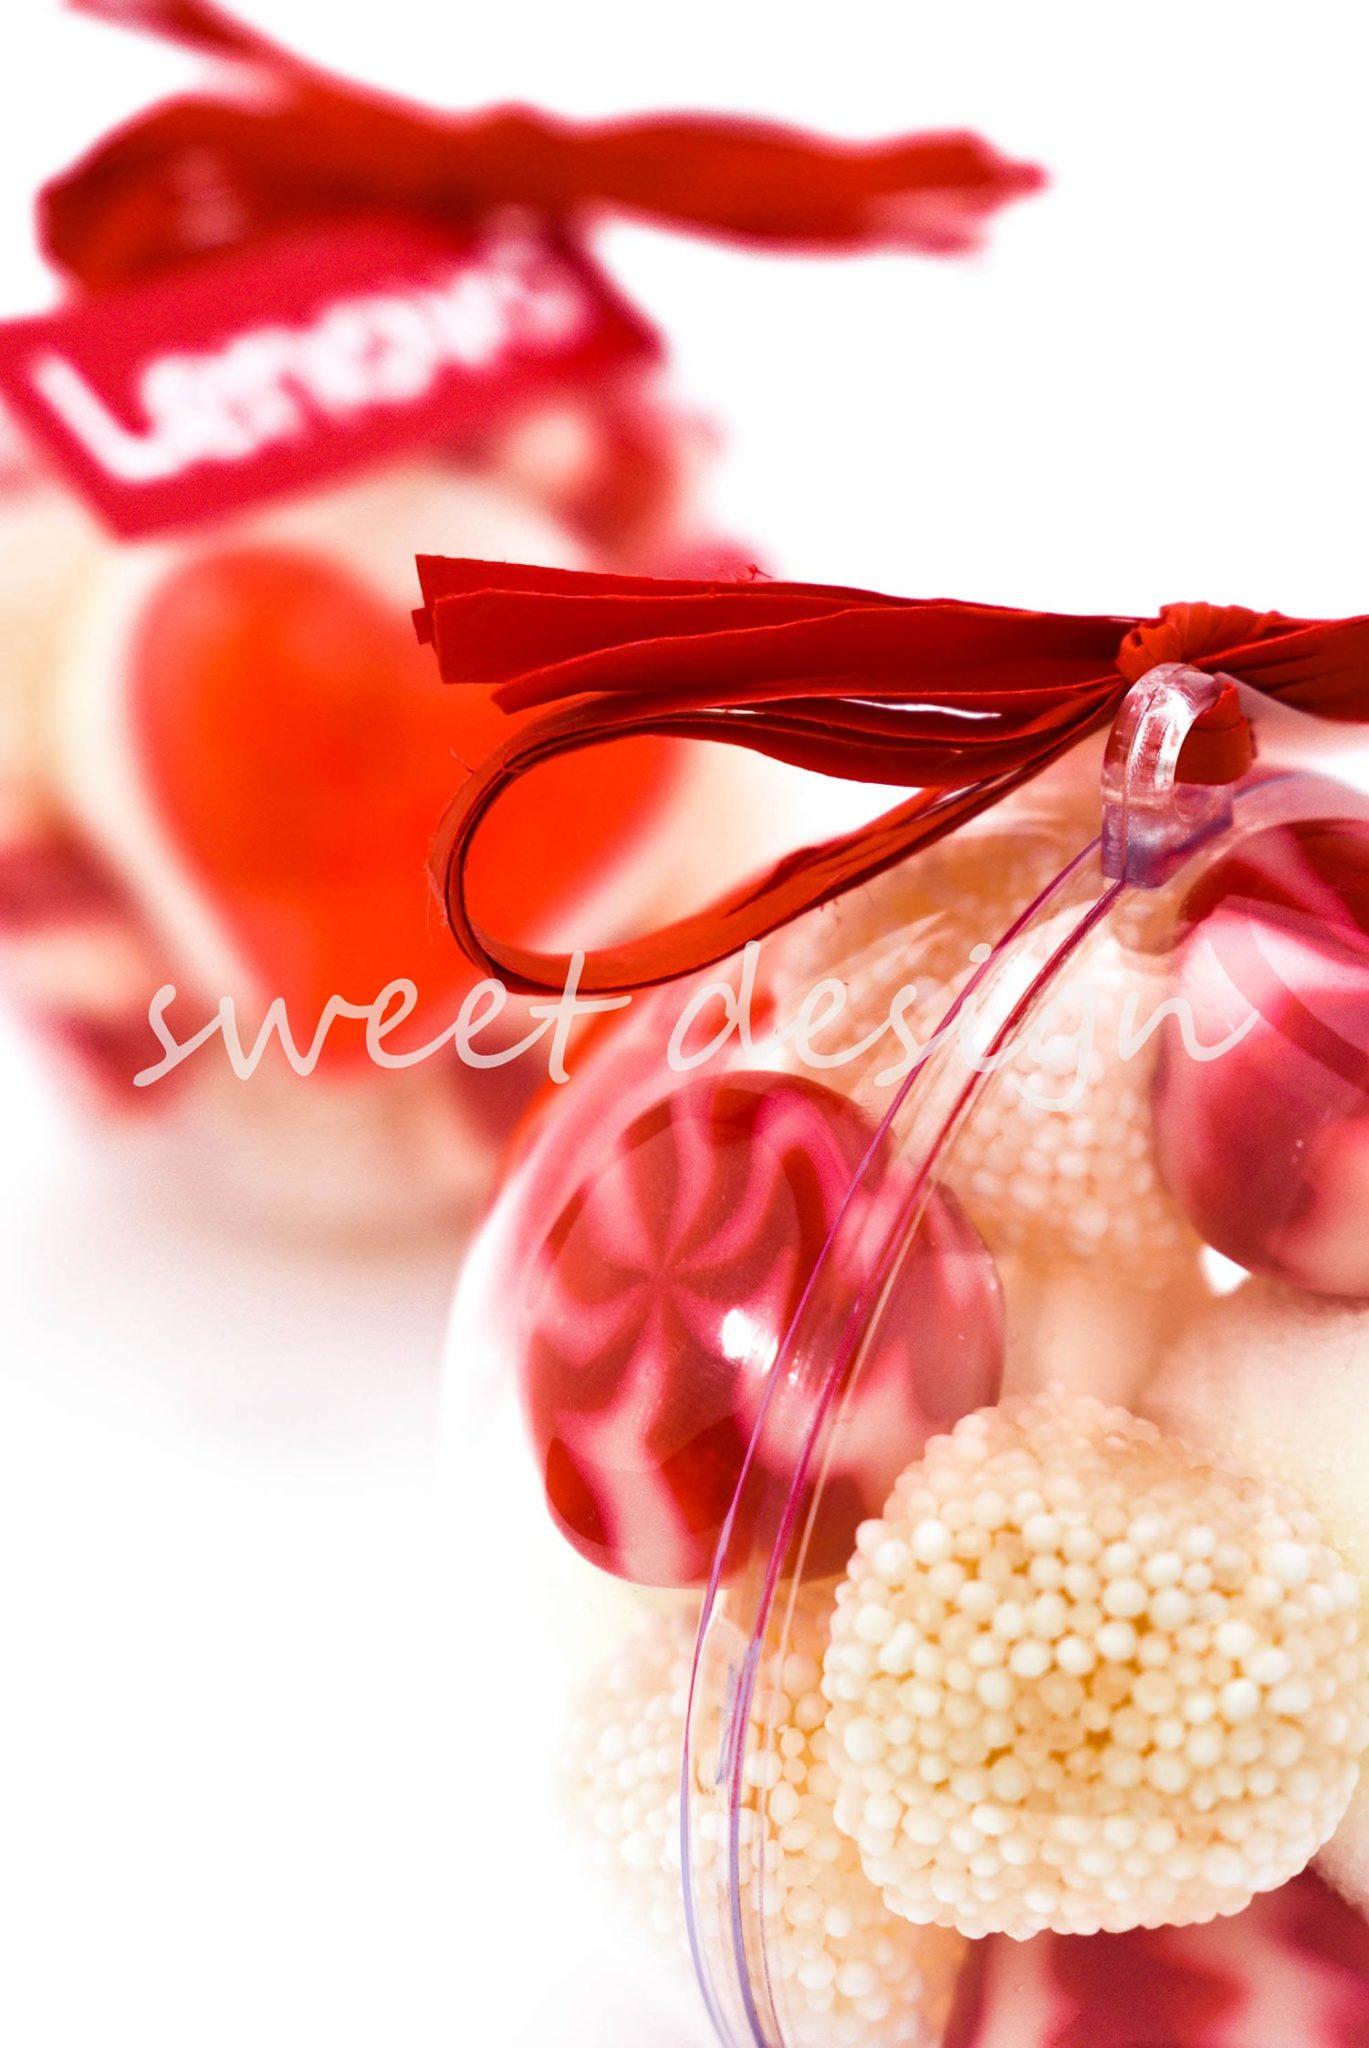 Bola de navidad regalo corporativo lenovo sweet design - Bola arbol navidad ...